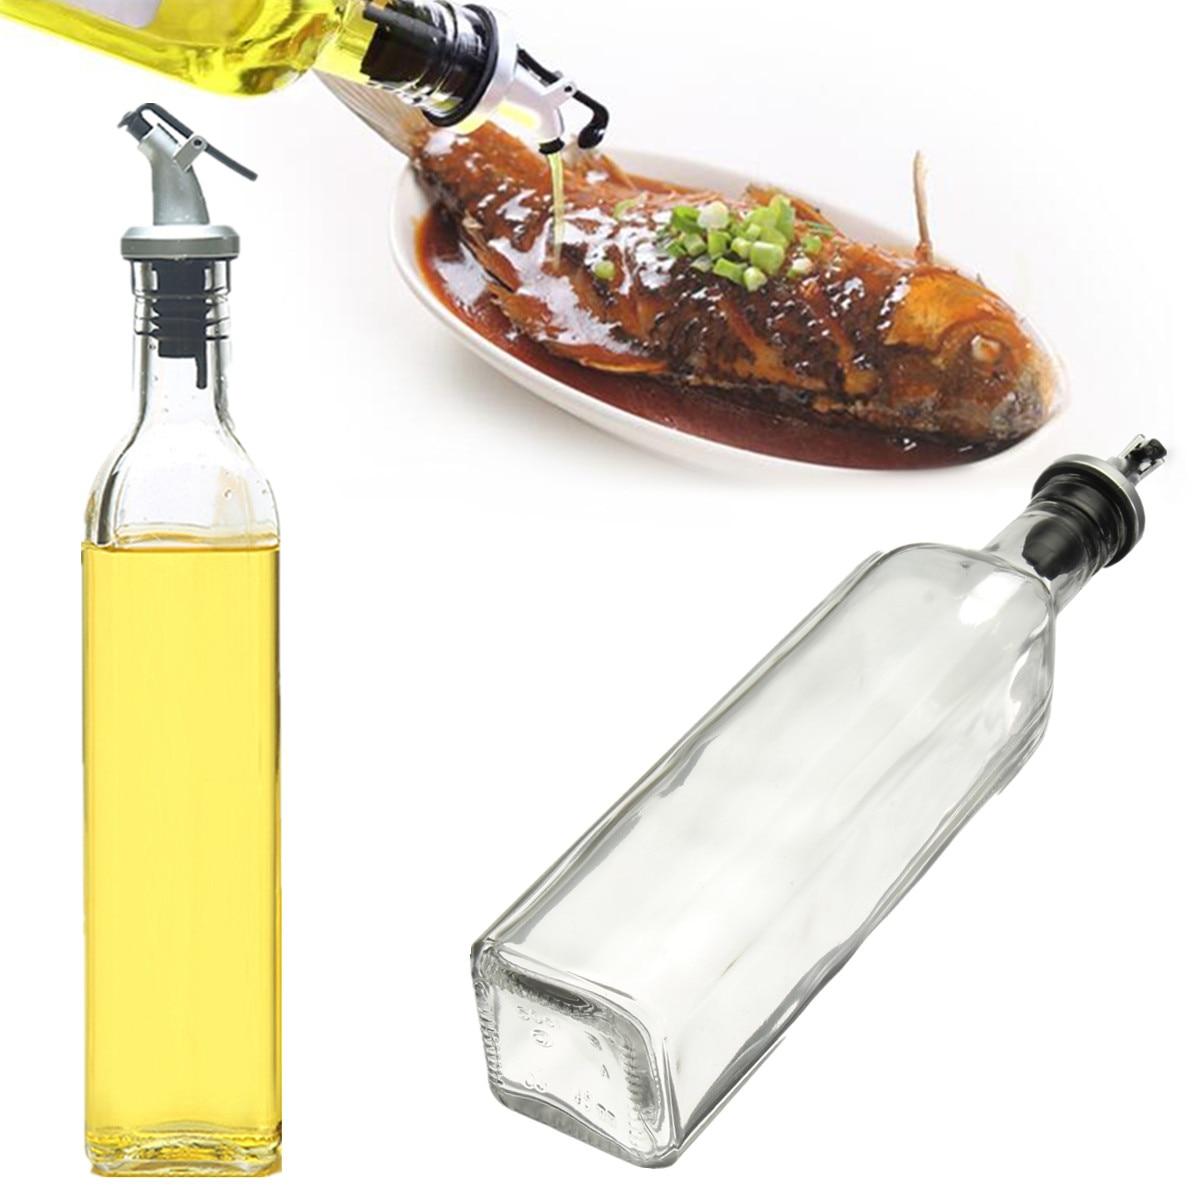 500ml Glass Olive Oil Vinegar Dispenser Gravy Boat Pourer Cooking ...